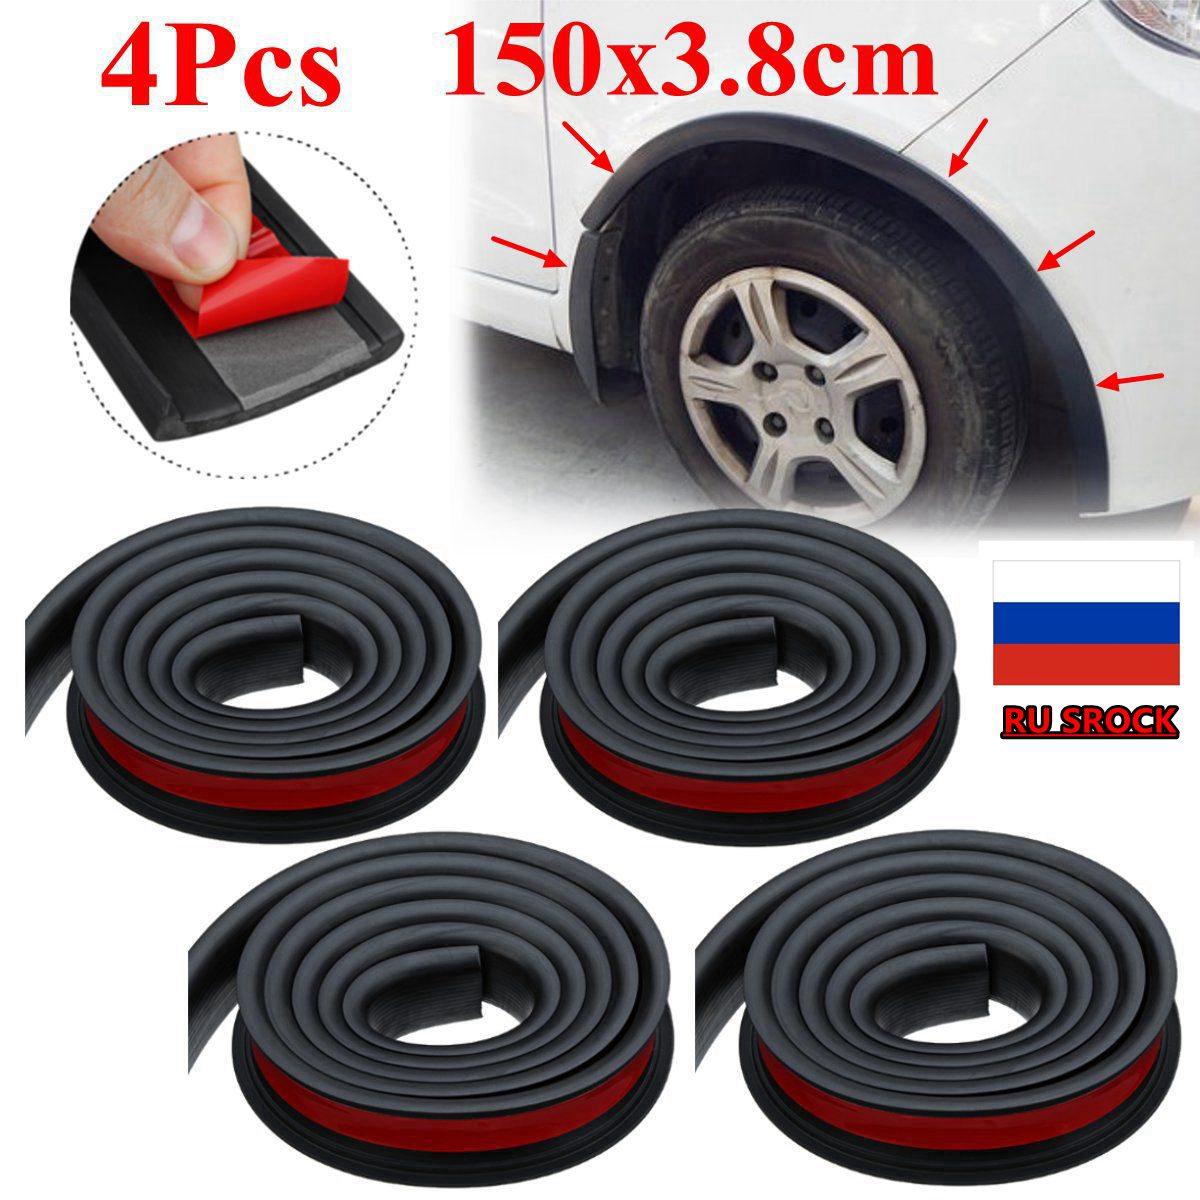 Par Universal de molduras de goma para guardabarros de coche, molduras de protección para arco de rueda para la mayoría de los coches, camiones, SUV moldura decorativa para coche 1,5 M x 3,8 CM